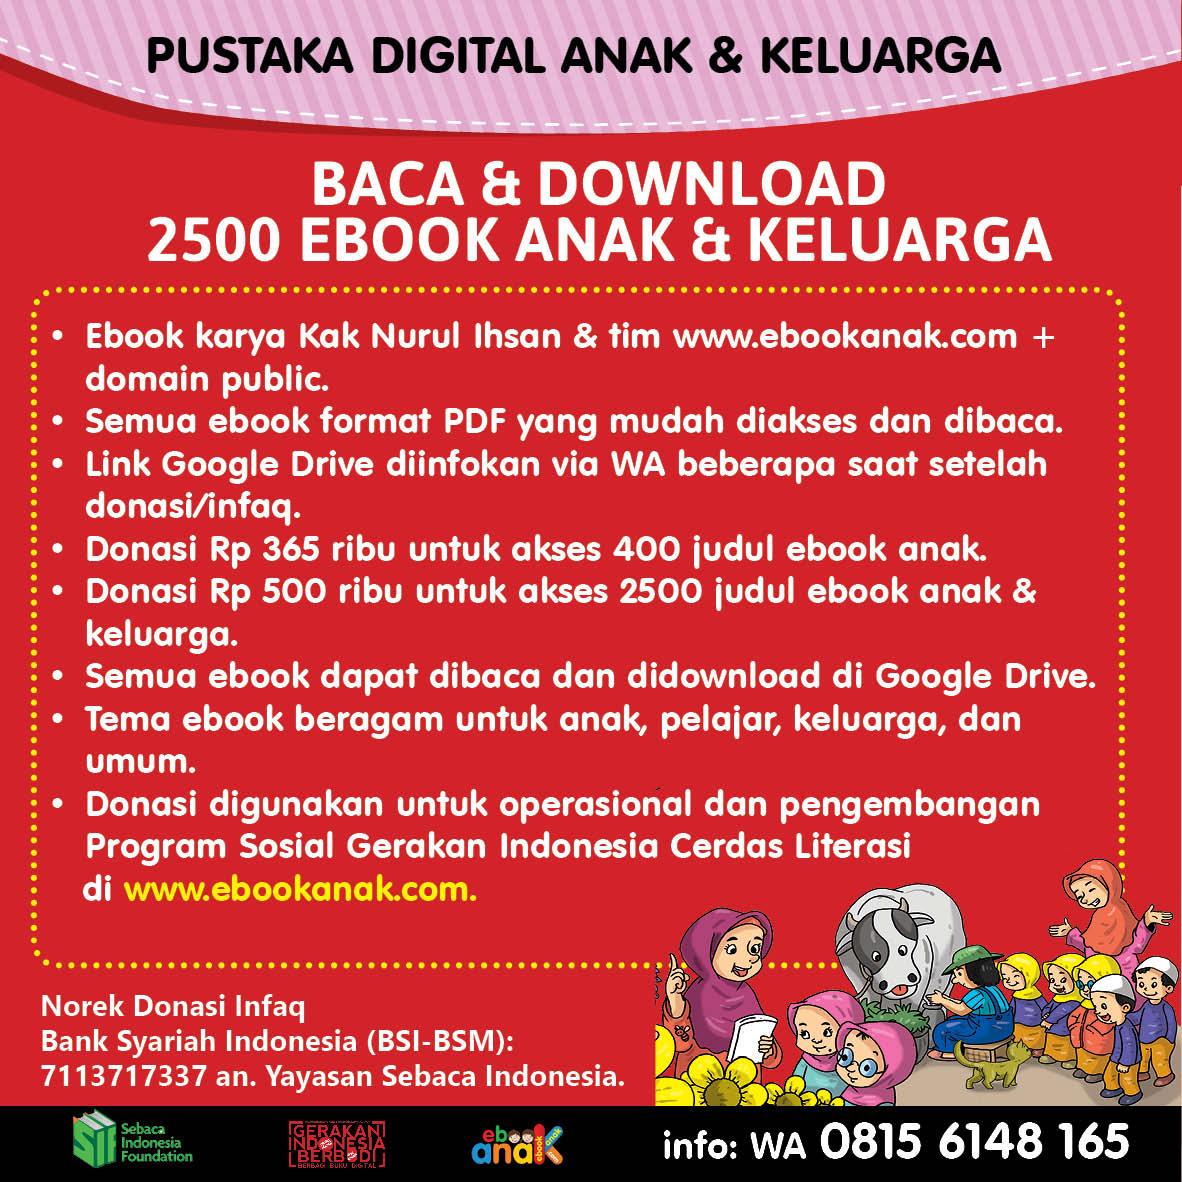 Baca dan Download 2500 Ebook Anak dan Keluarga